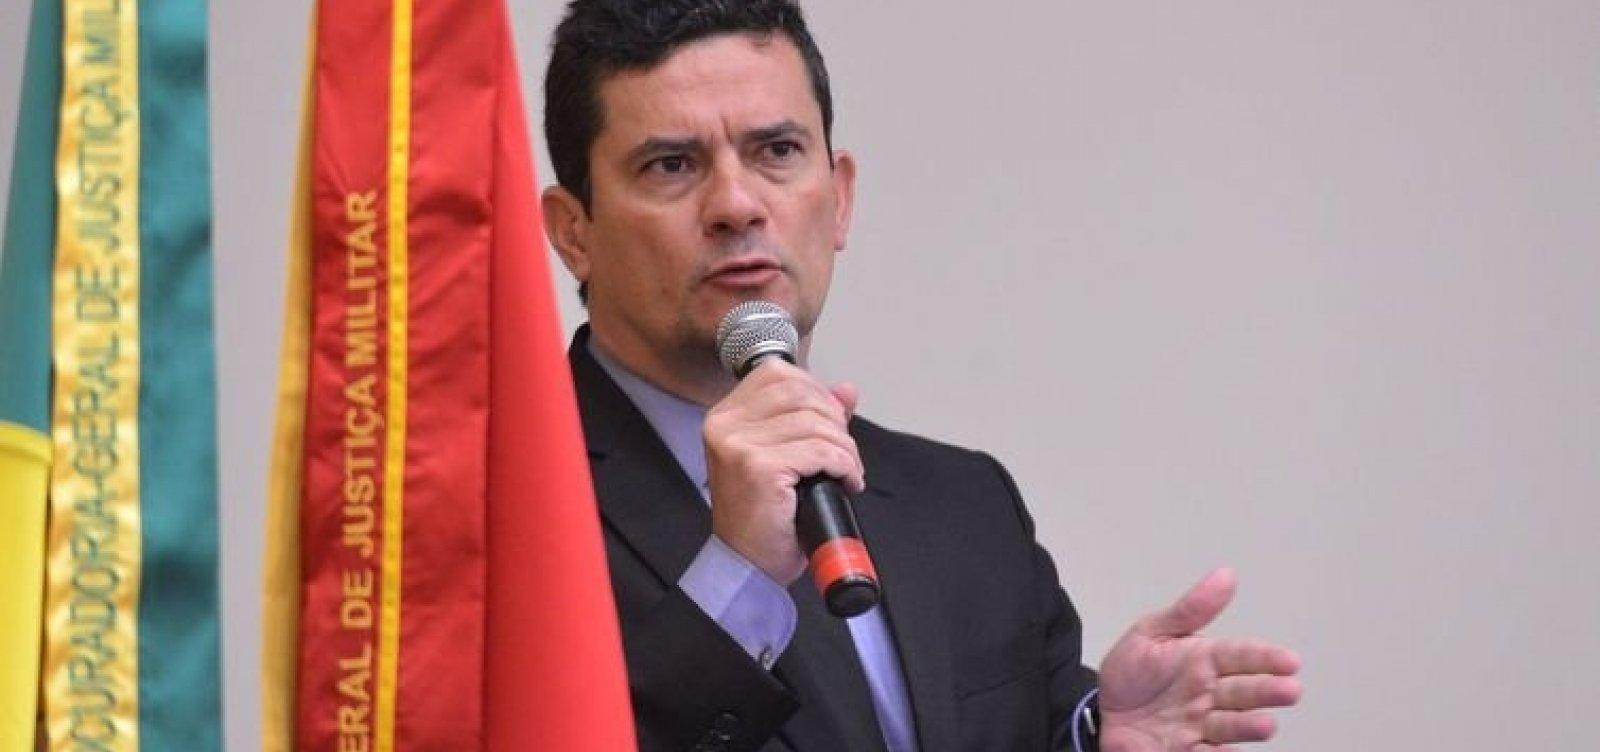 Moro diz que governos anteriores foram omissos no combate à corrupção